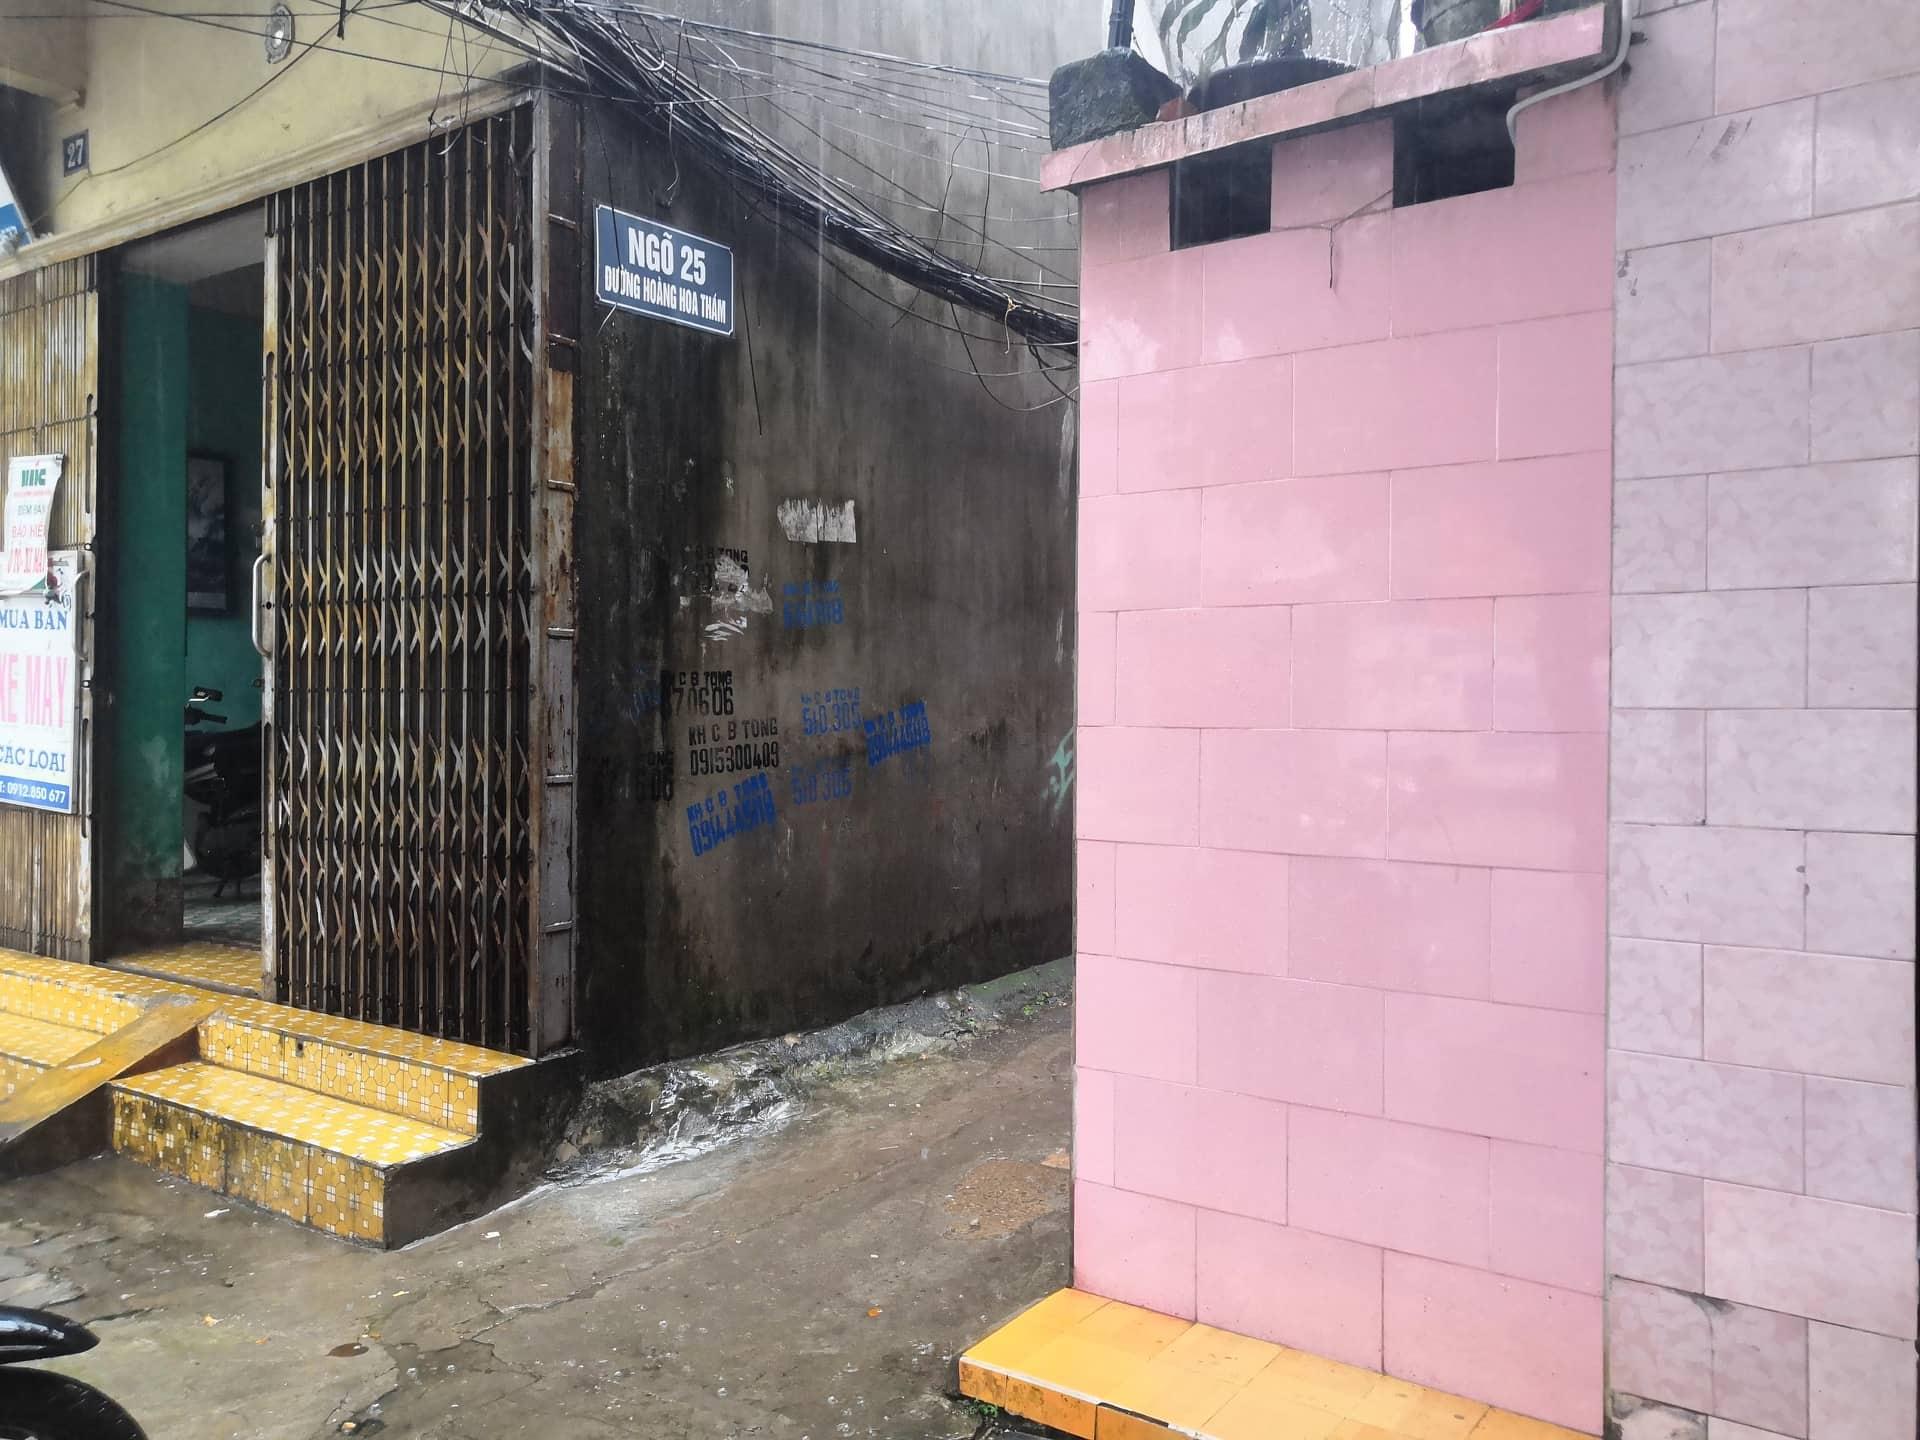 Con ngõ nơi dẫn vào ngôi nhà xảy ra vụ truy sát kinh hoàng trên phố Hoàng Hoa Thám